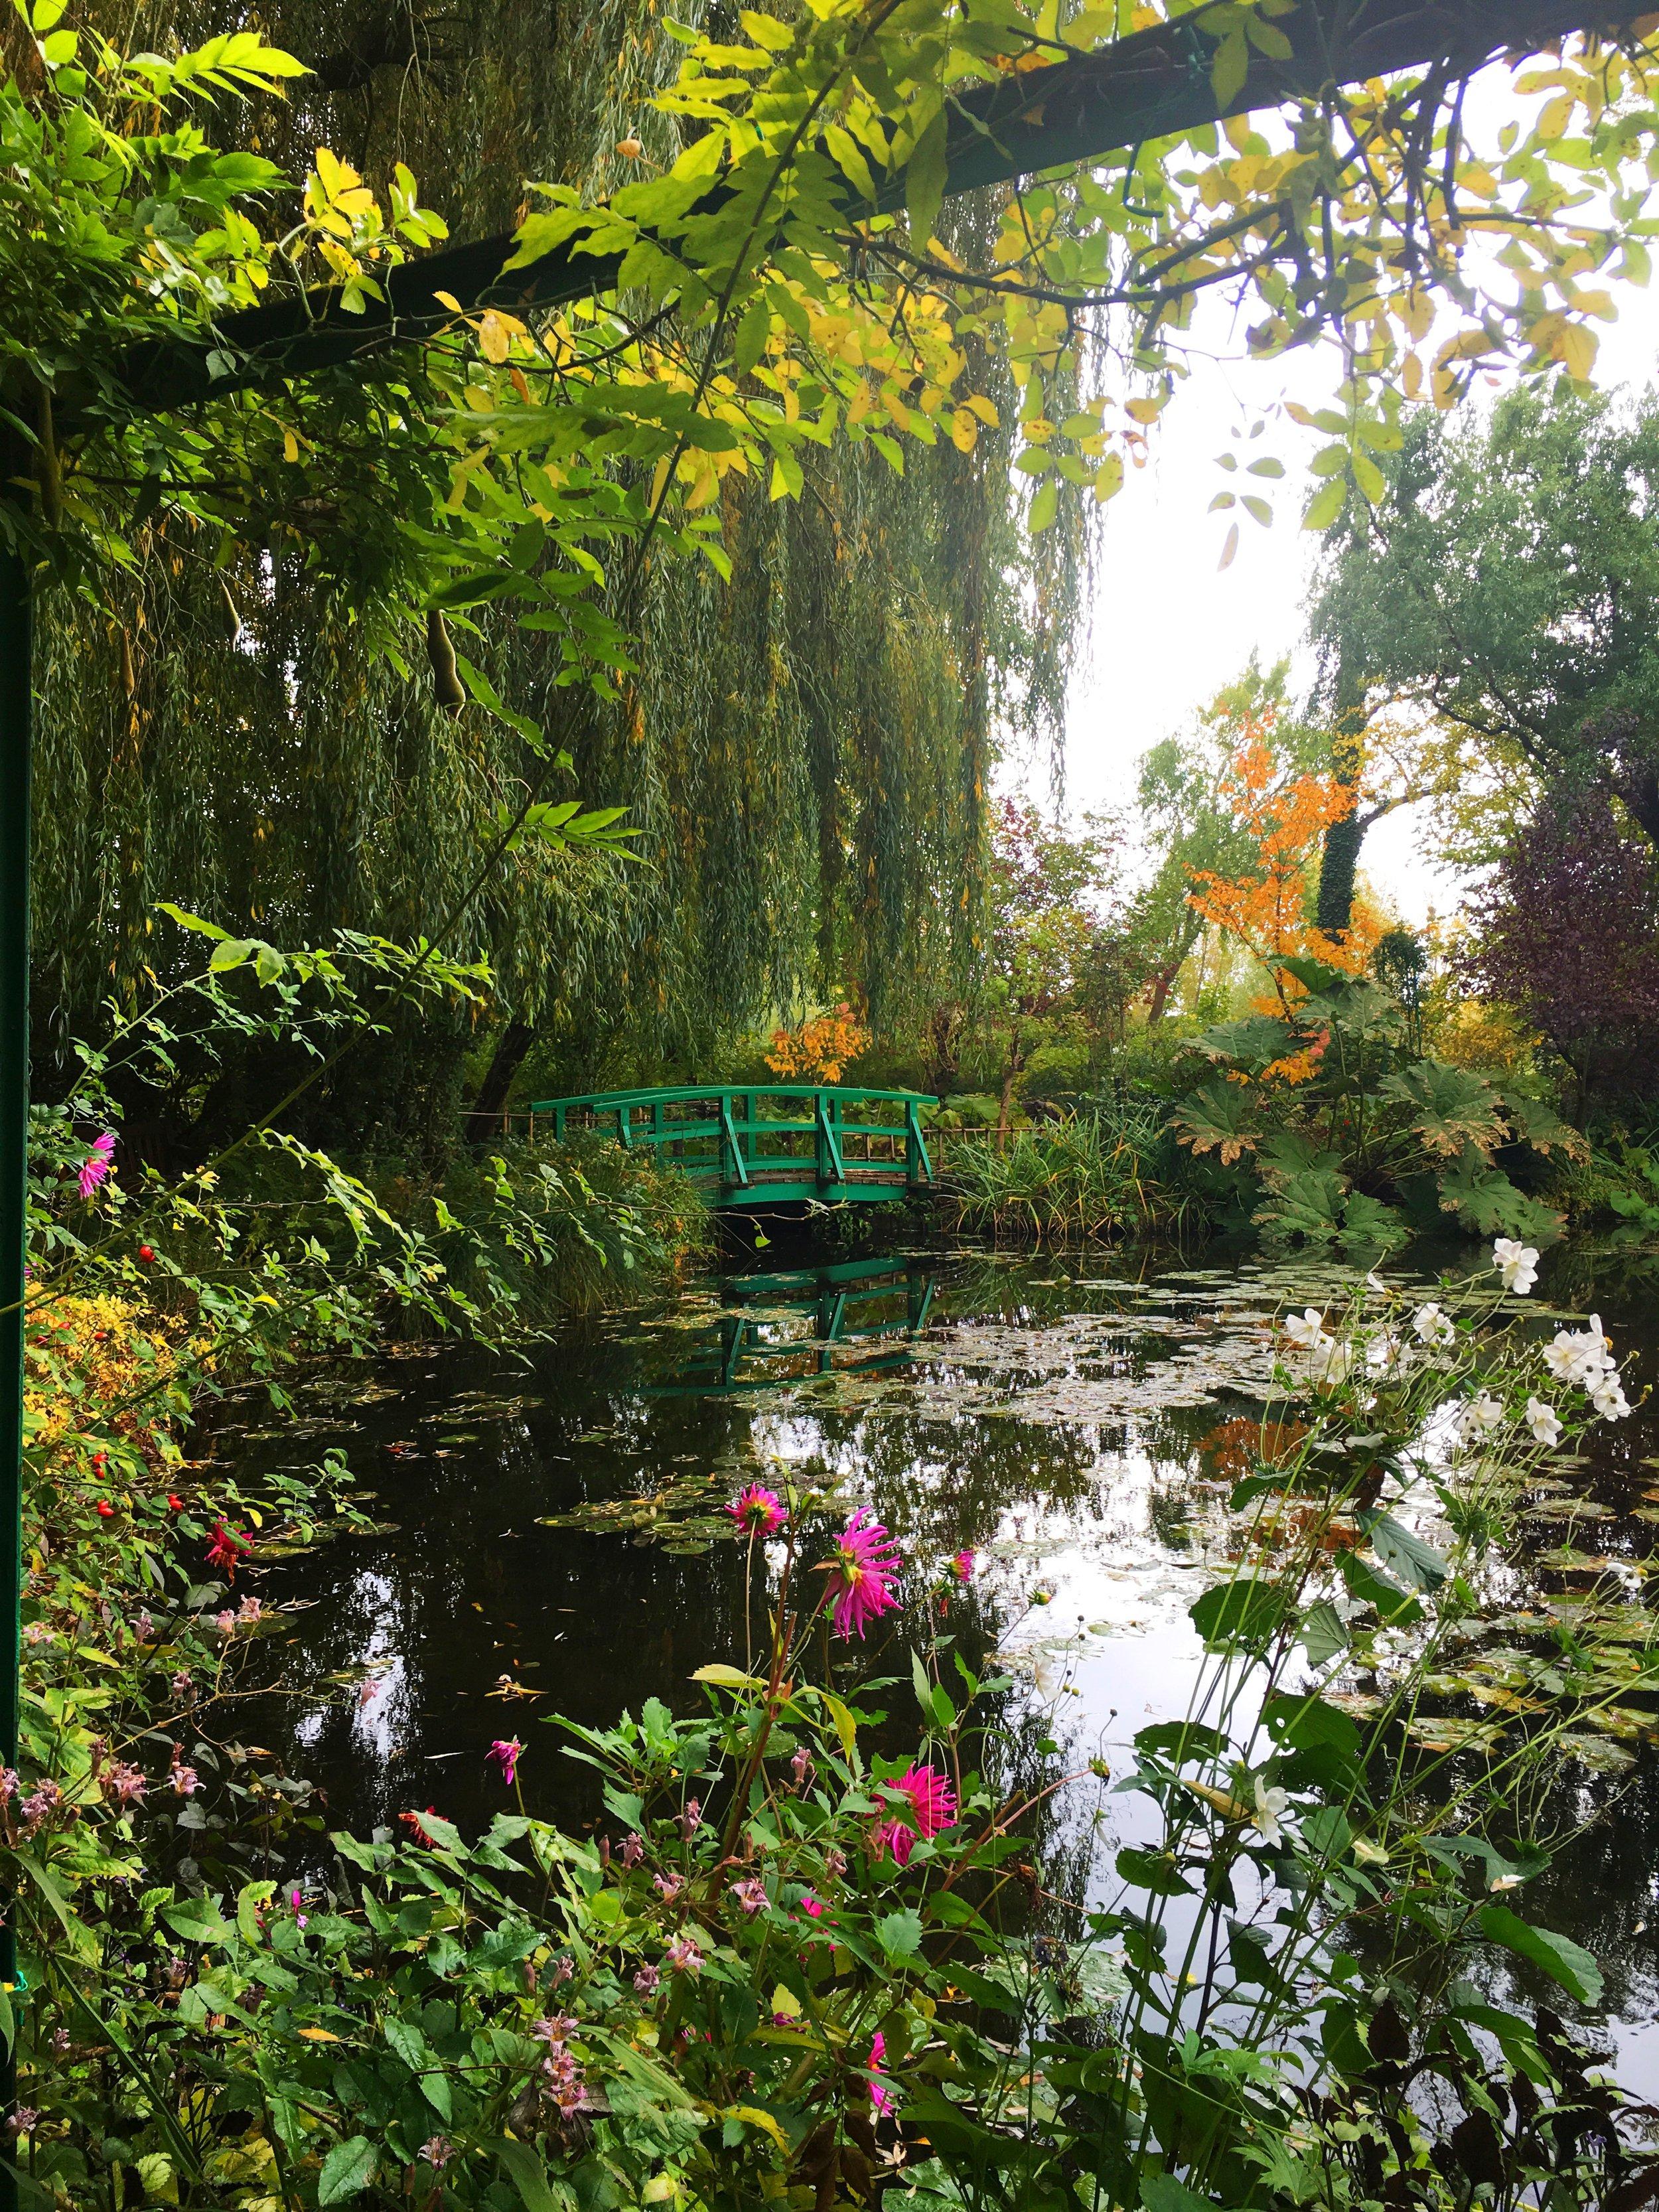 Monet's Garden - after (Pop Song + Saturation)